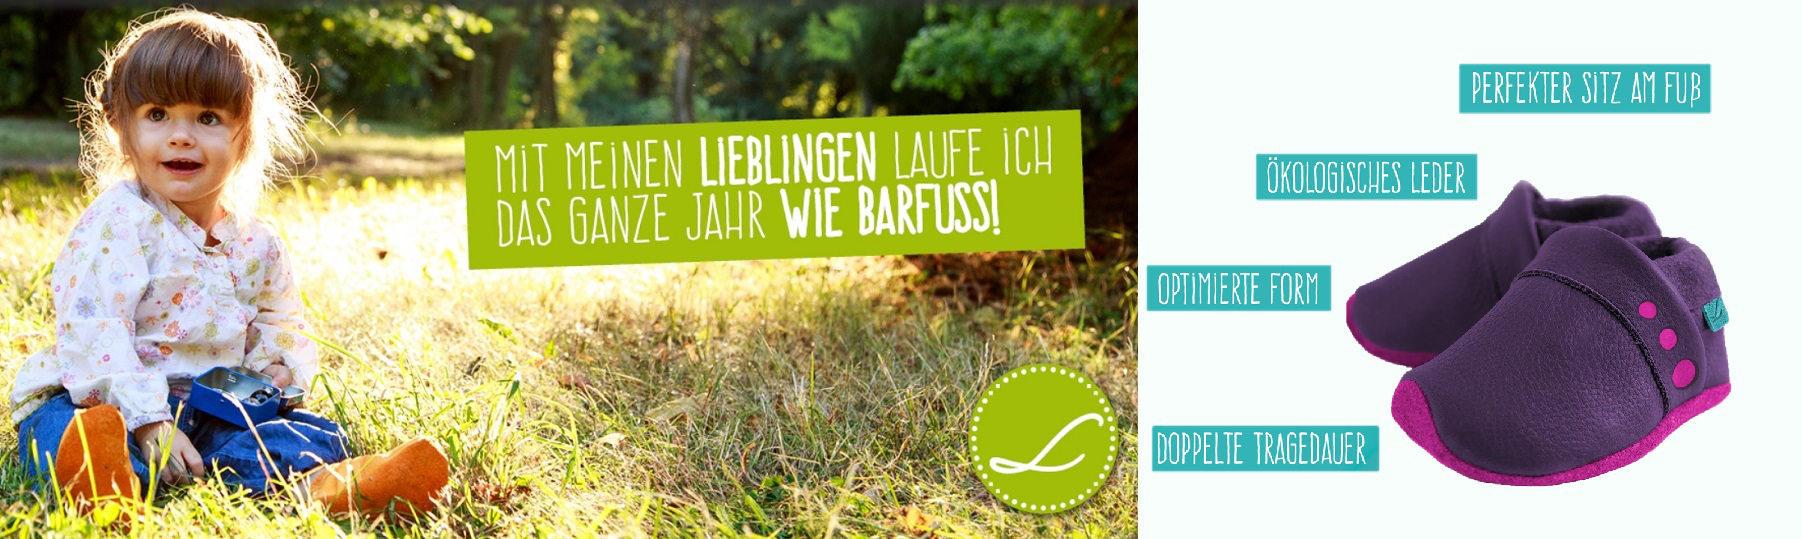 Krabbelschuhe-mit-doppelter-Tragedauer-von-Lieblinge-bei-greenstories